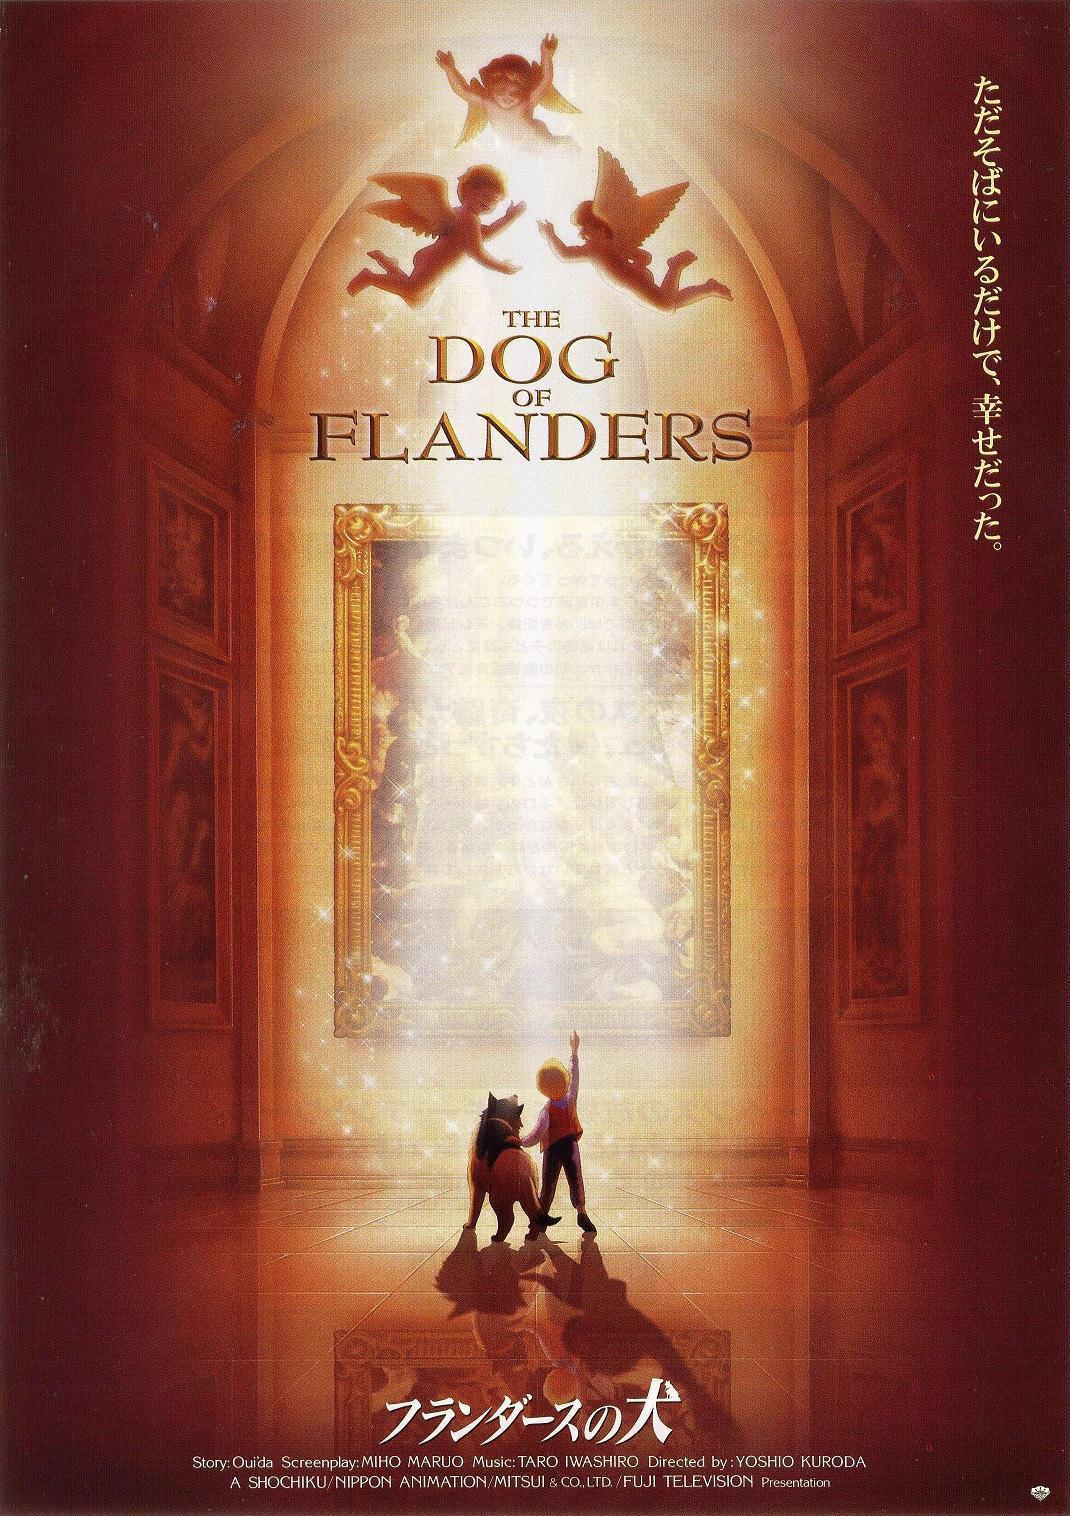 佛兰得斯的狗DVD百度云迅雷下载